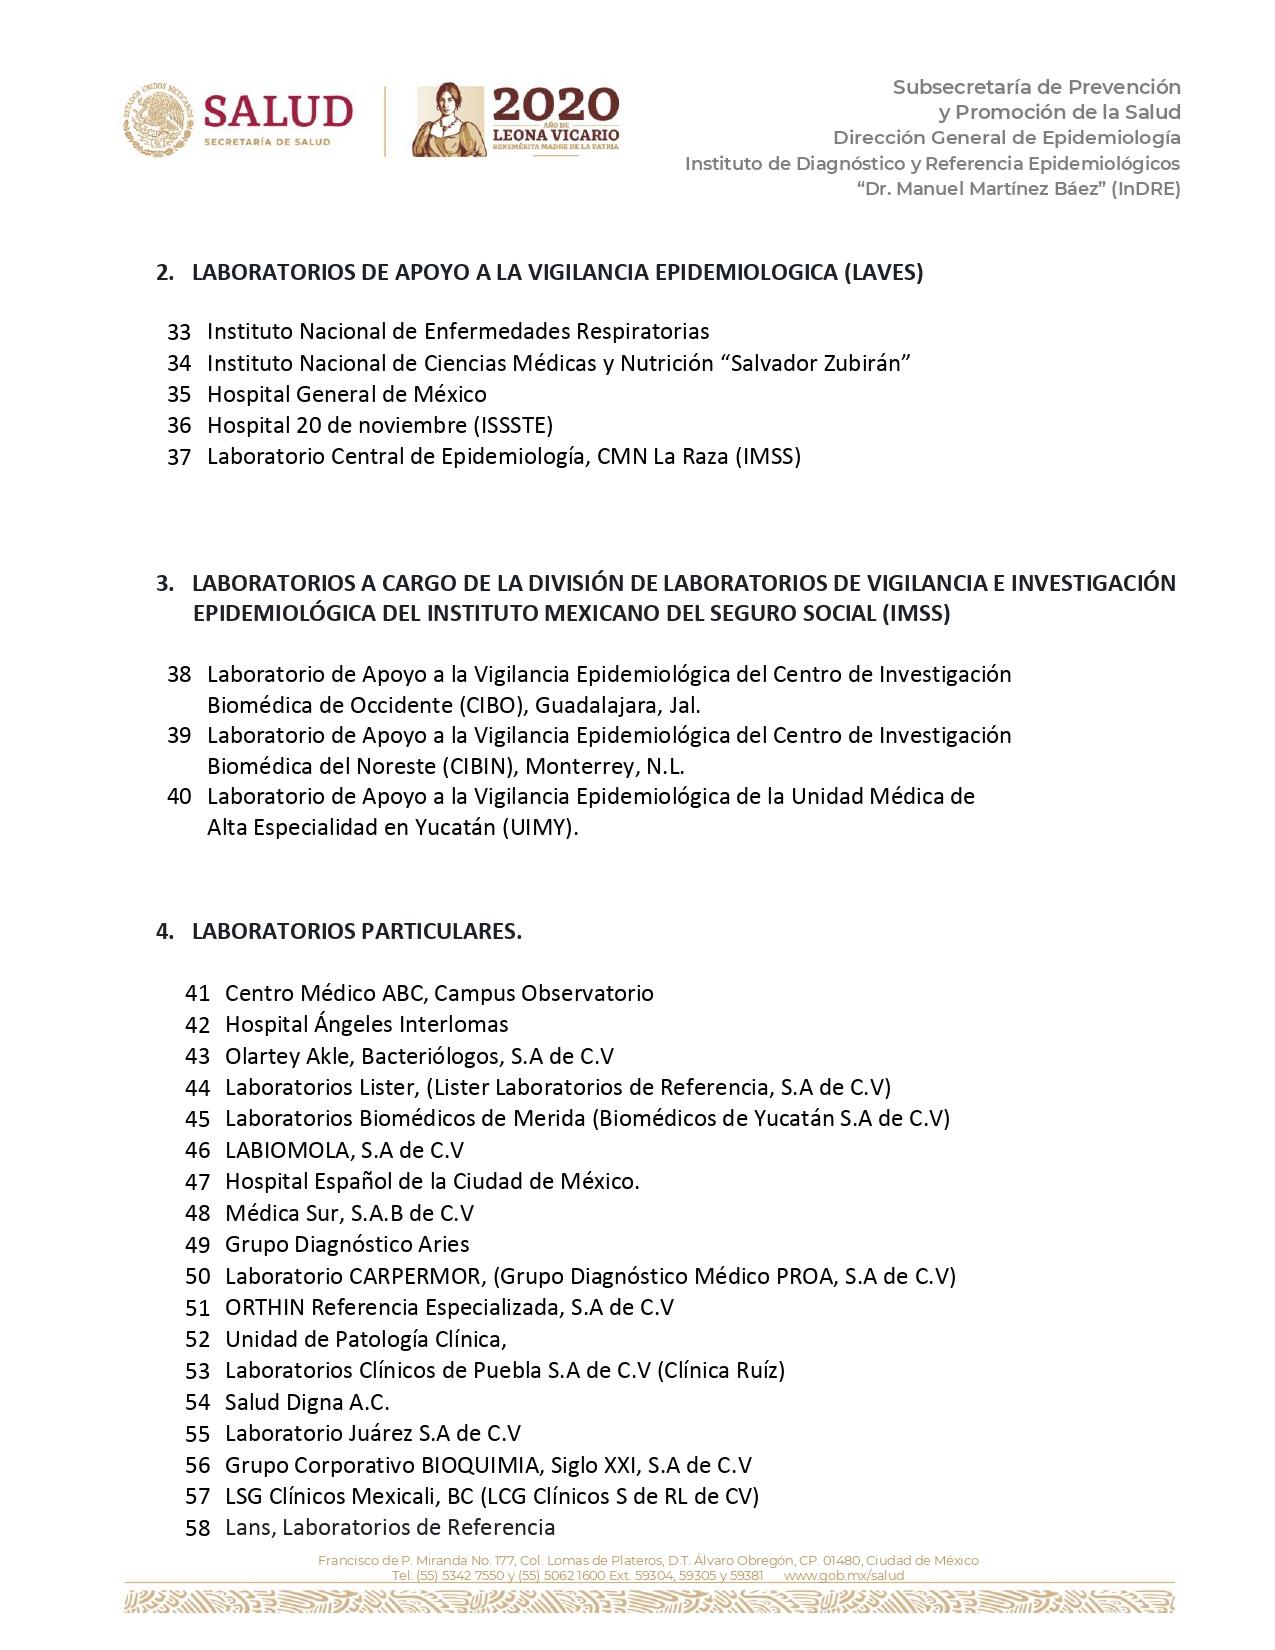 Instituto de Diagnóstico y Referencia Epidemiológicos (InDRE).